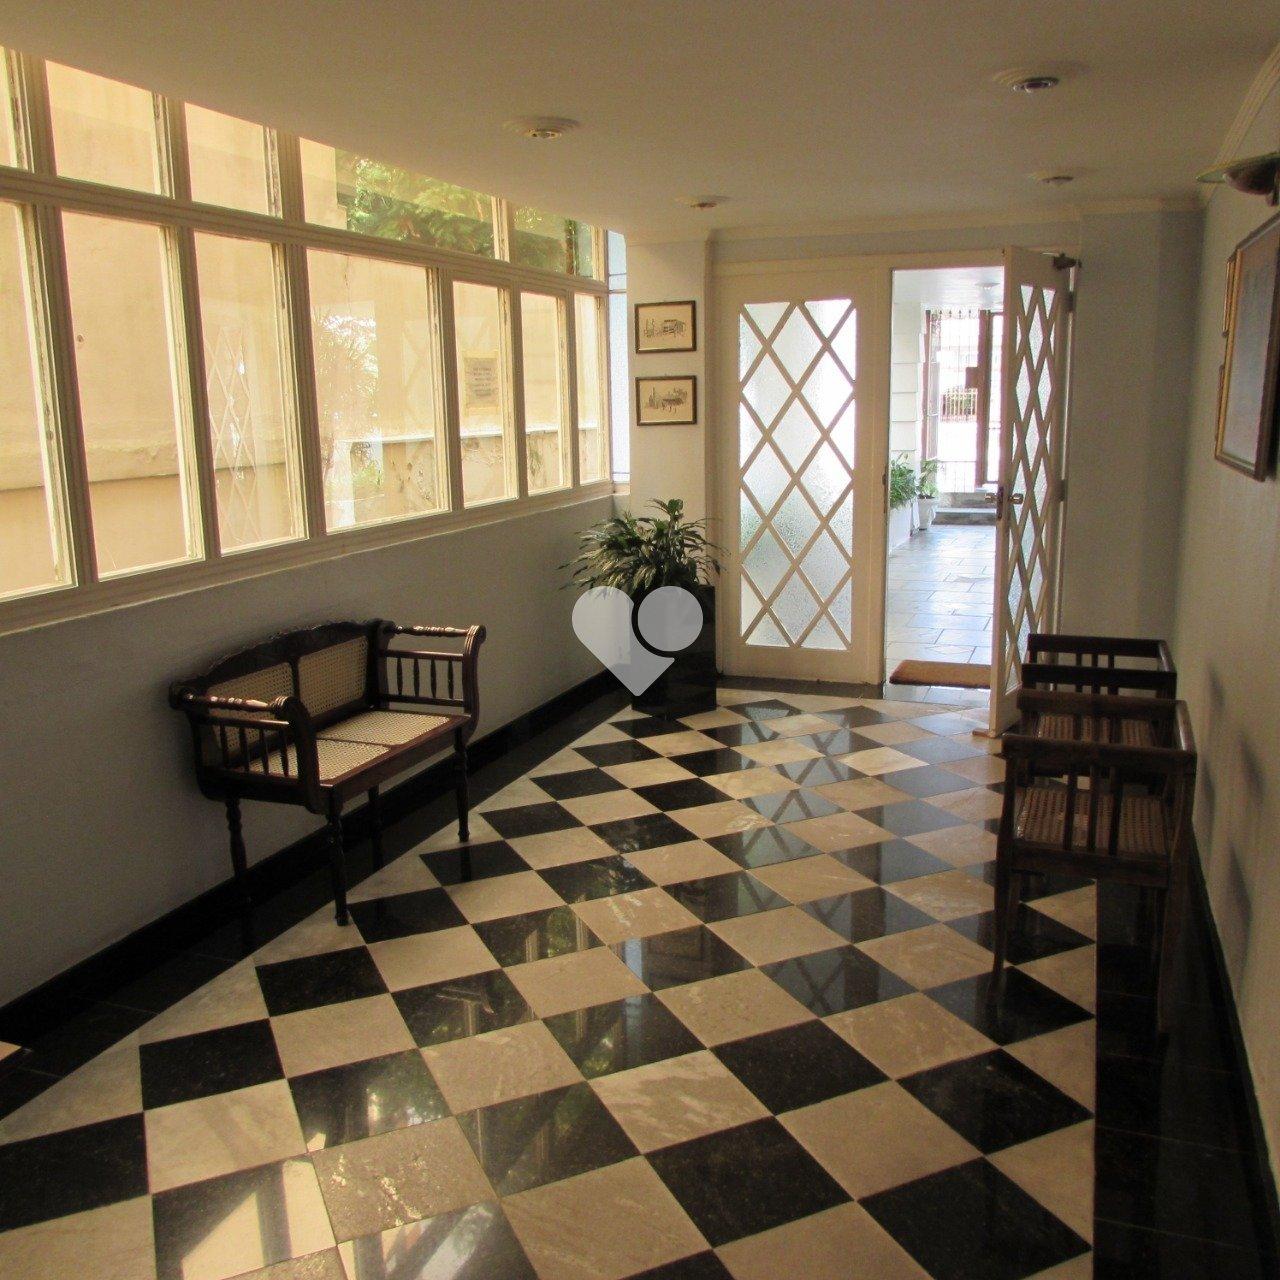 Lopes Petrópolis vende: sala ampla, 03 dormitórios, suíte, banho social, cozinha e lavanderia. A sala tem piso frio, prédio com zelador e elevador. Frente e com garagem. Próximo a todas as conveniências do bairro.